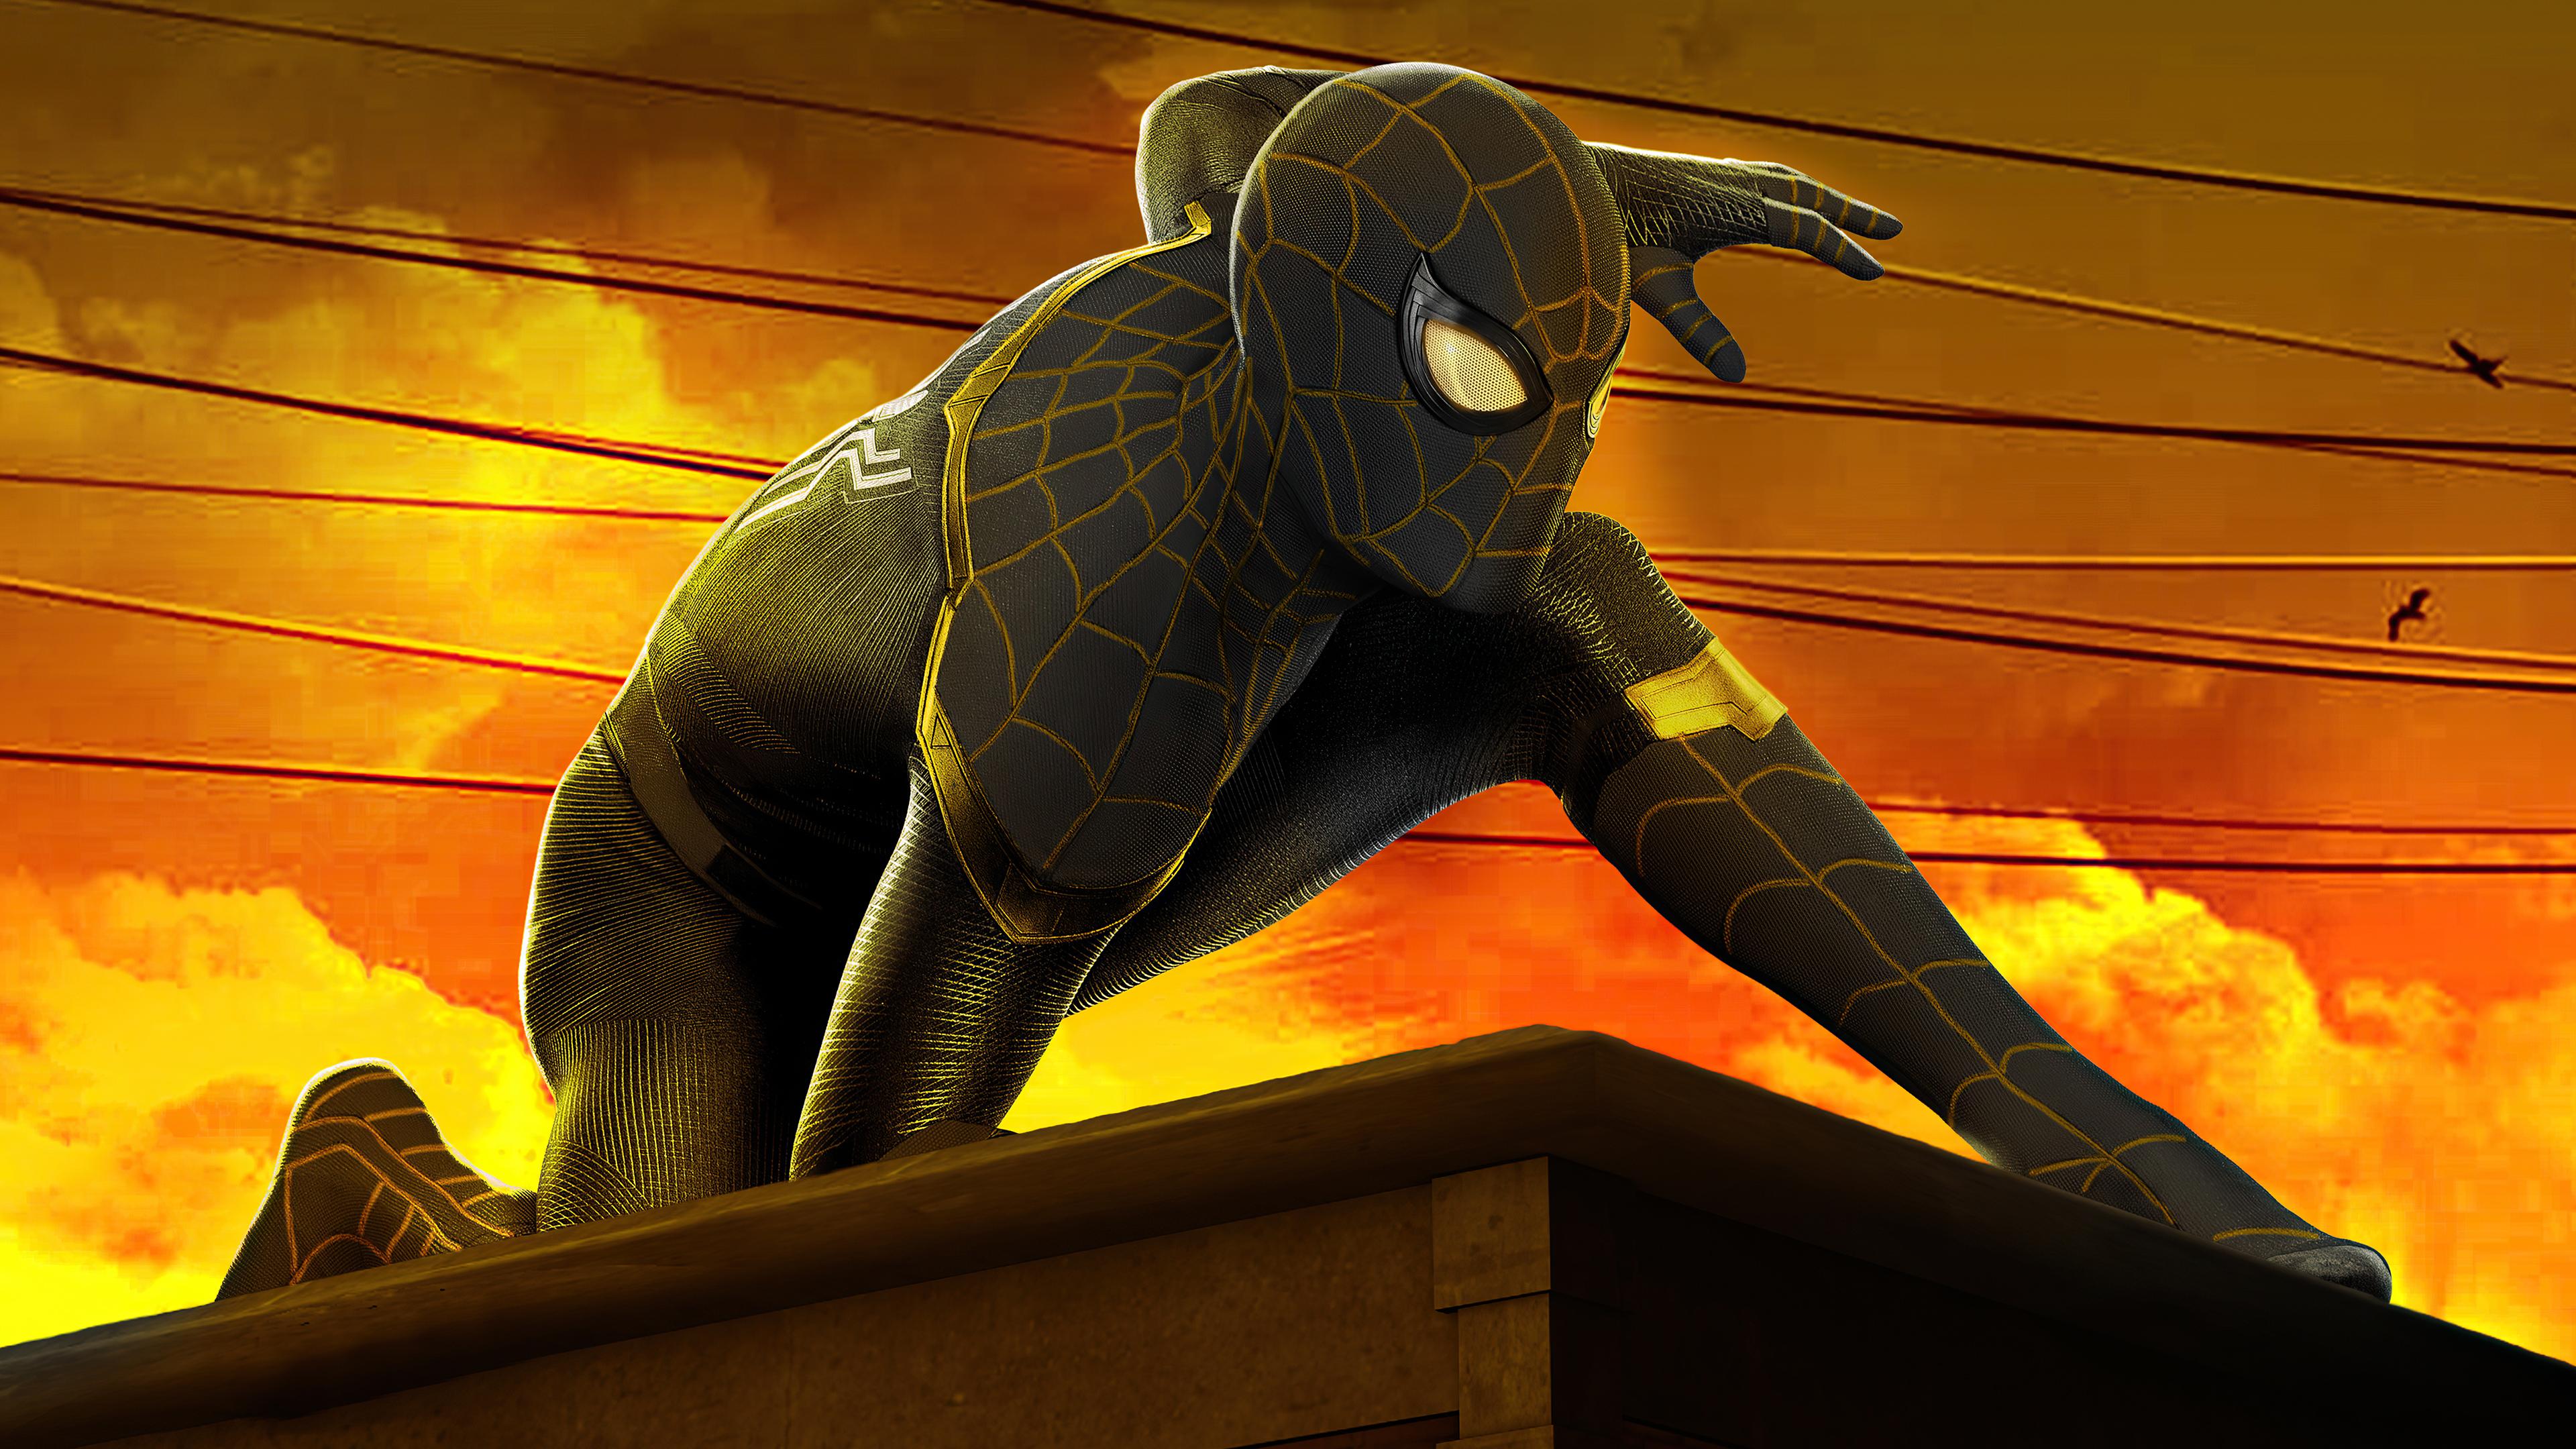 Wallpaper Spider Man No Way Home Movie